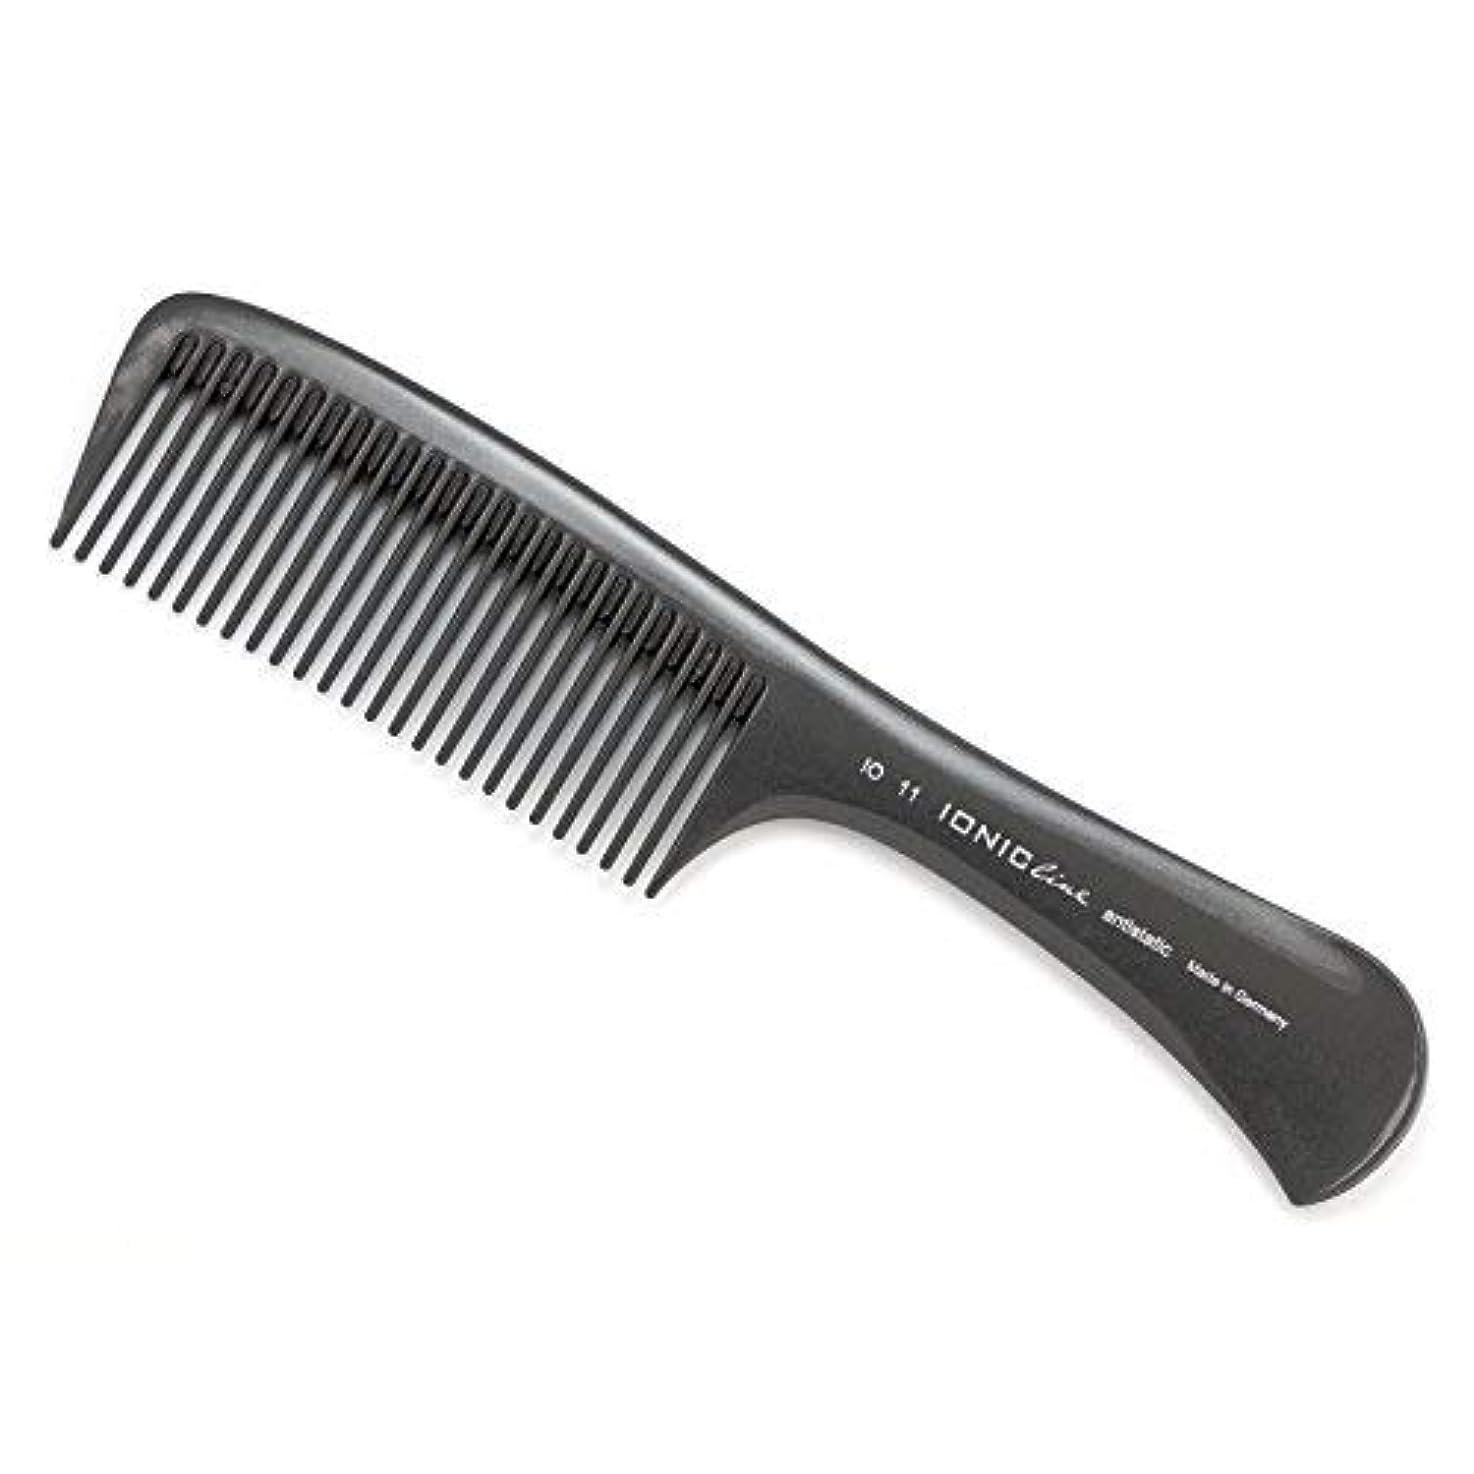 楽しませる決定するペックHercules S?gemann IONIC Line Handle Comb, Big Working Comb | Ionized Thermoplastic - Made in Germany [並行輸入品]